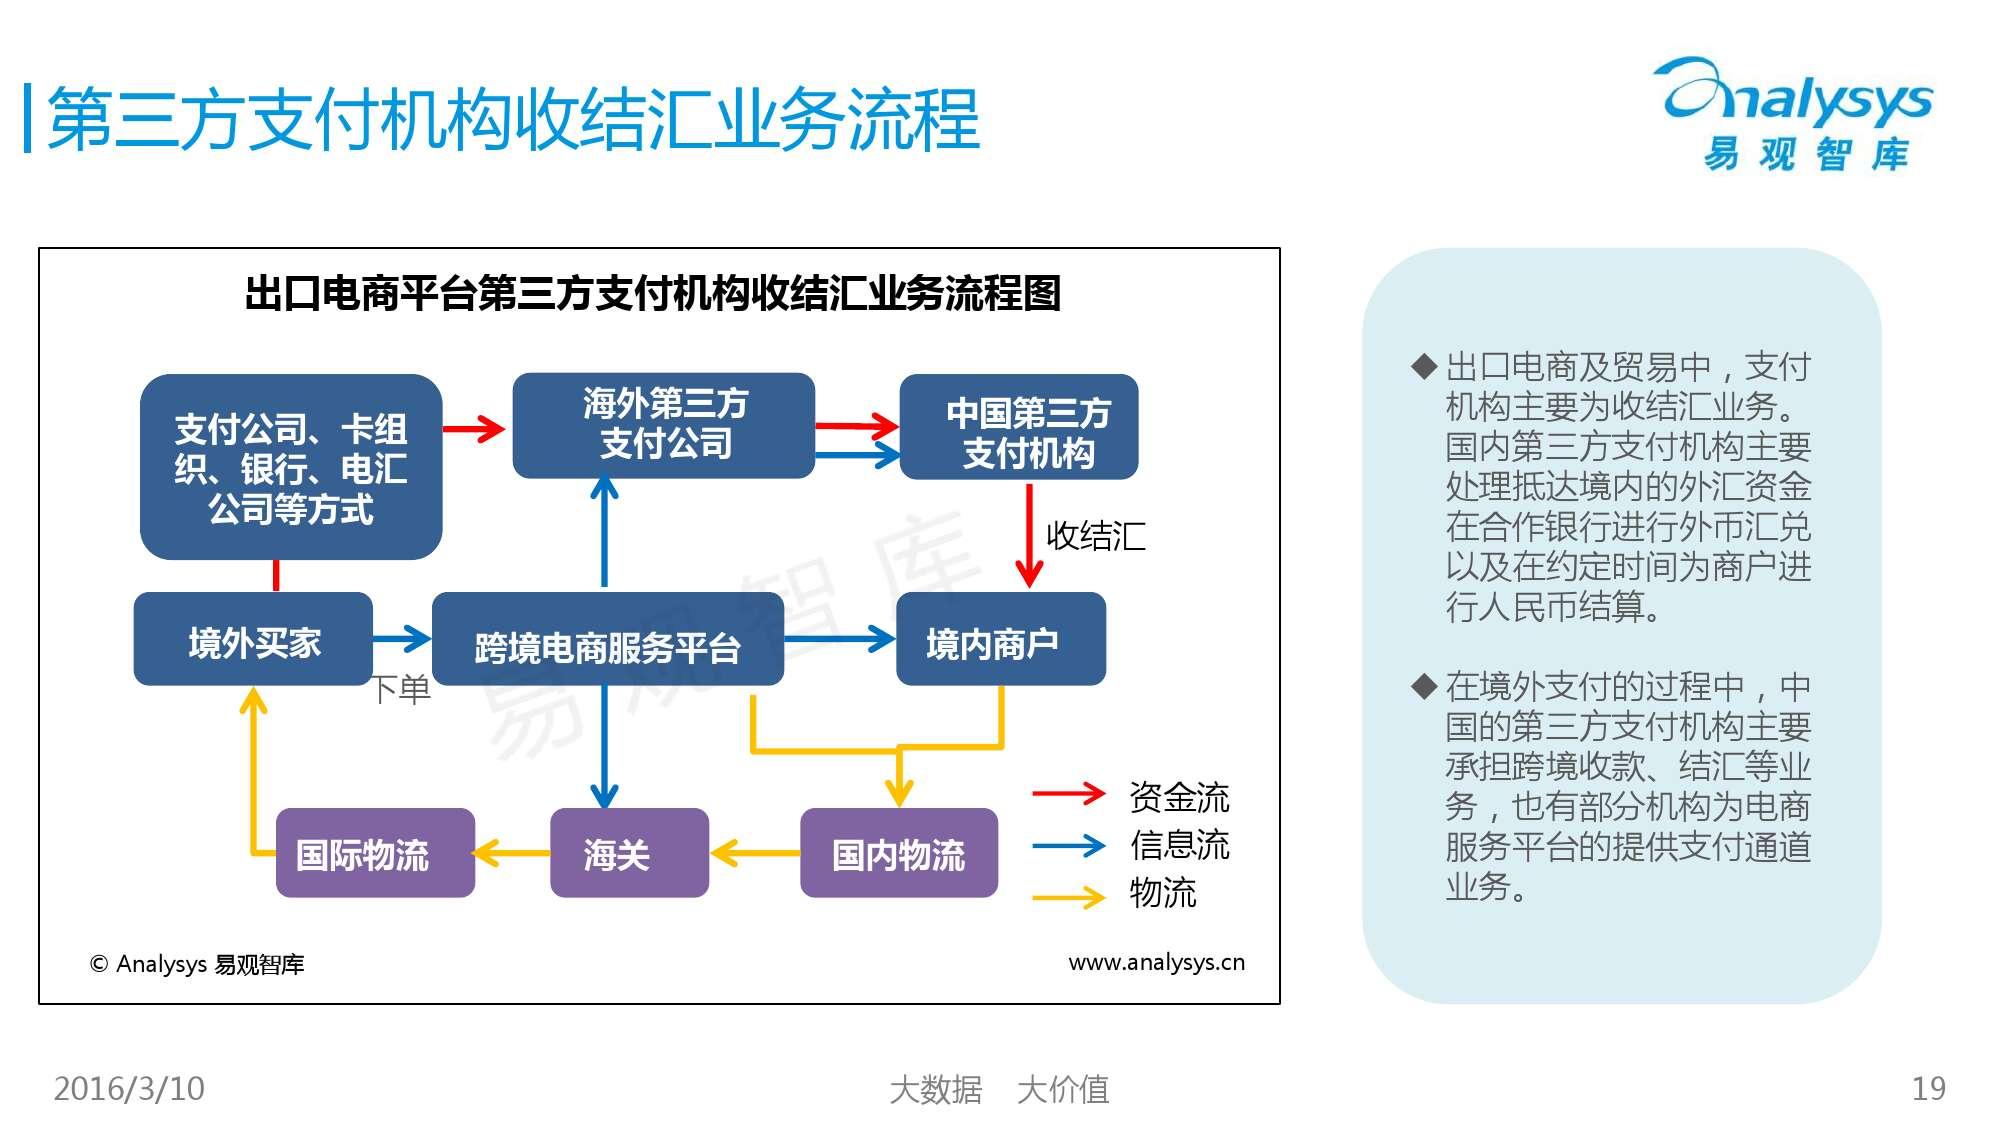 中国跨境支付市场专题研究报告2016_000019